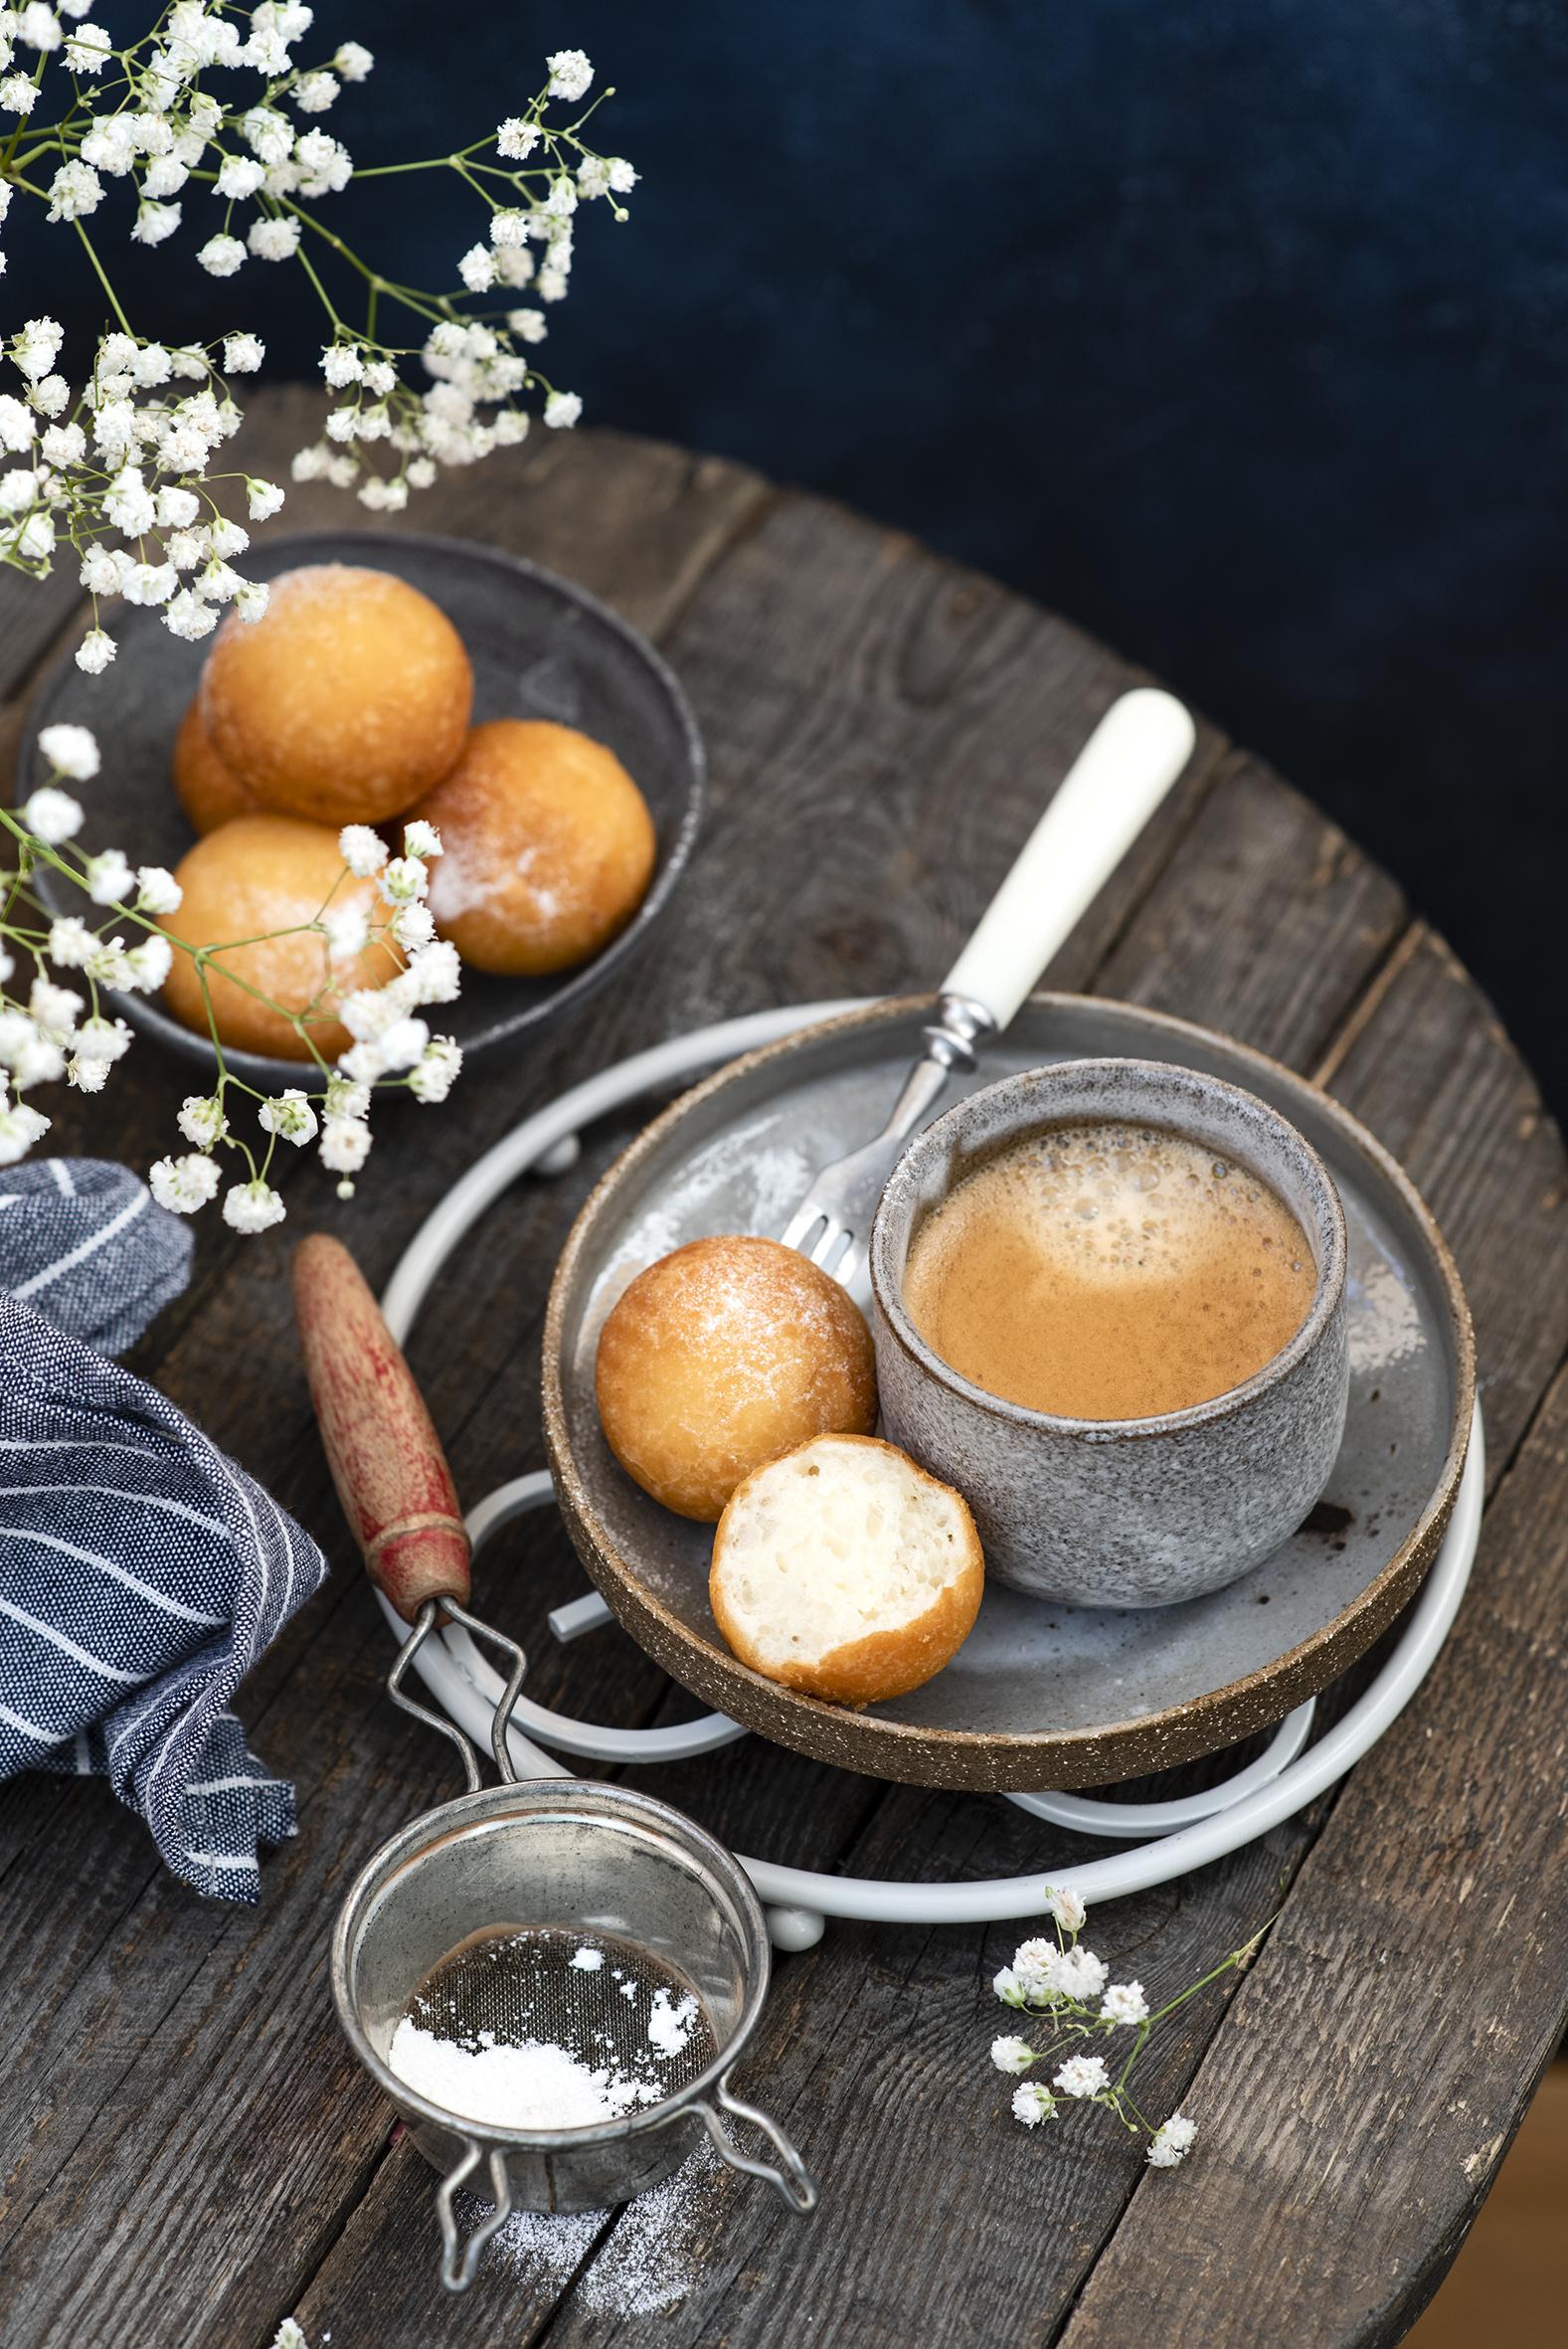 Fotos von Kaffee Cappuccino Becher Lebensmittel Backware  für Handy das Essen